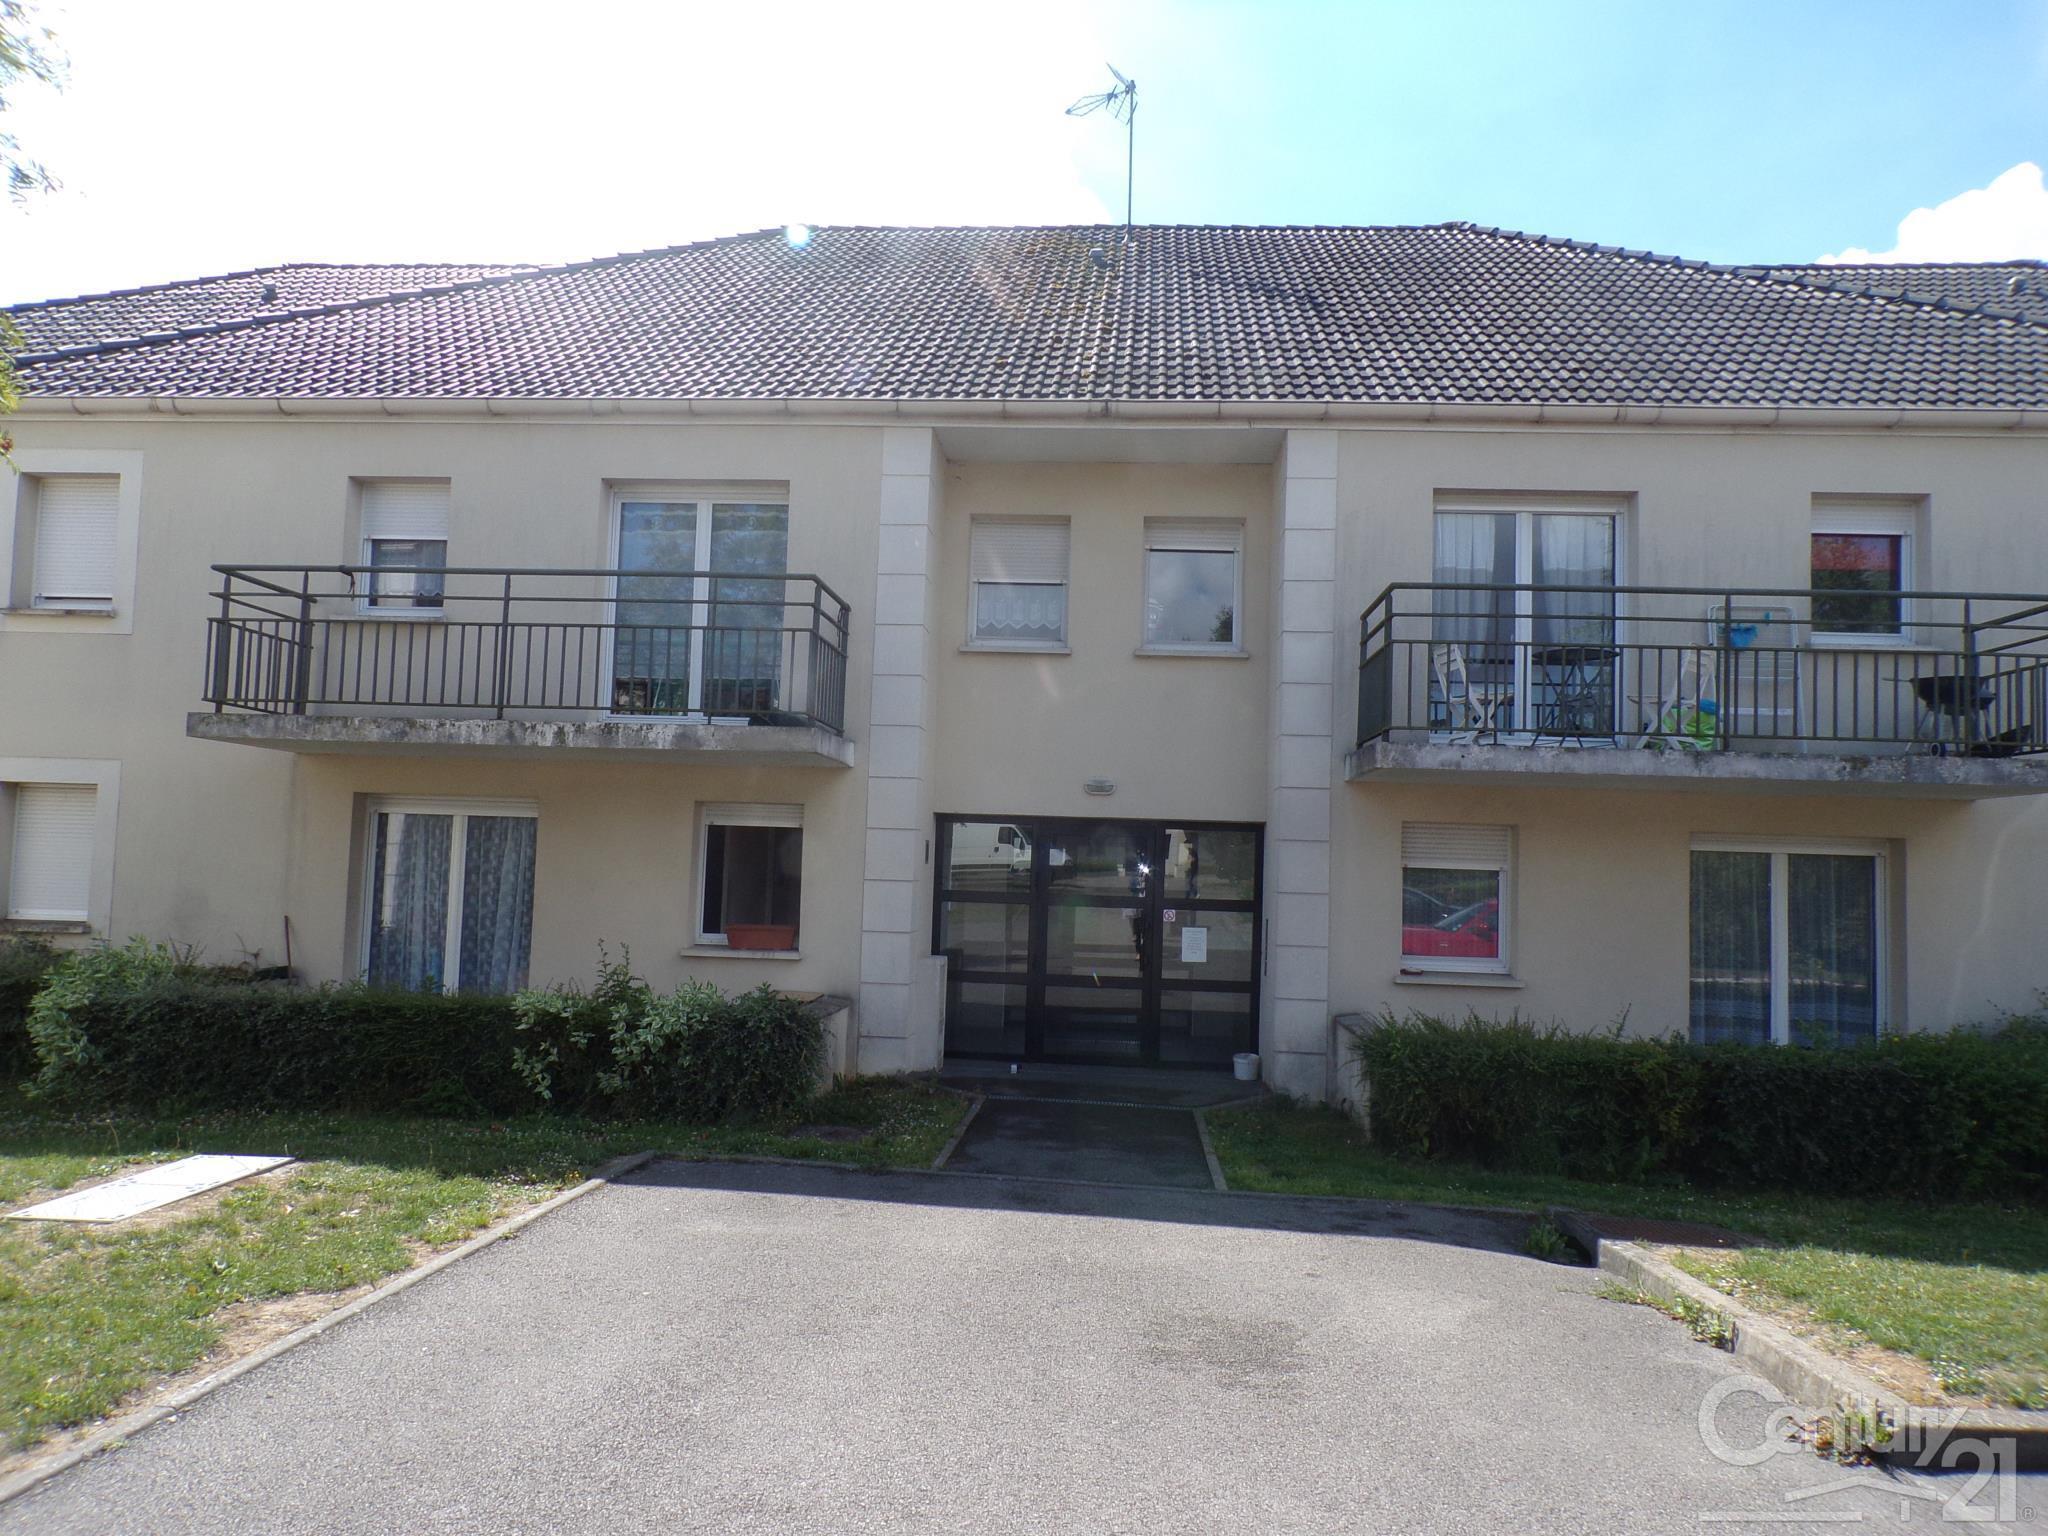 Annonce vente appartement lehaucourt 02420 55 m 55 for Annonce vente appartement